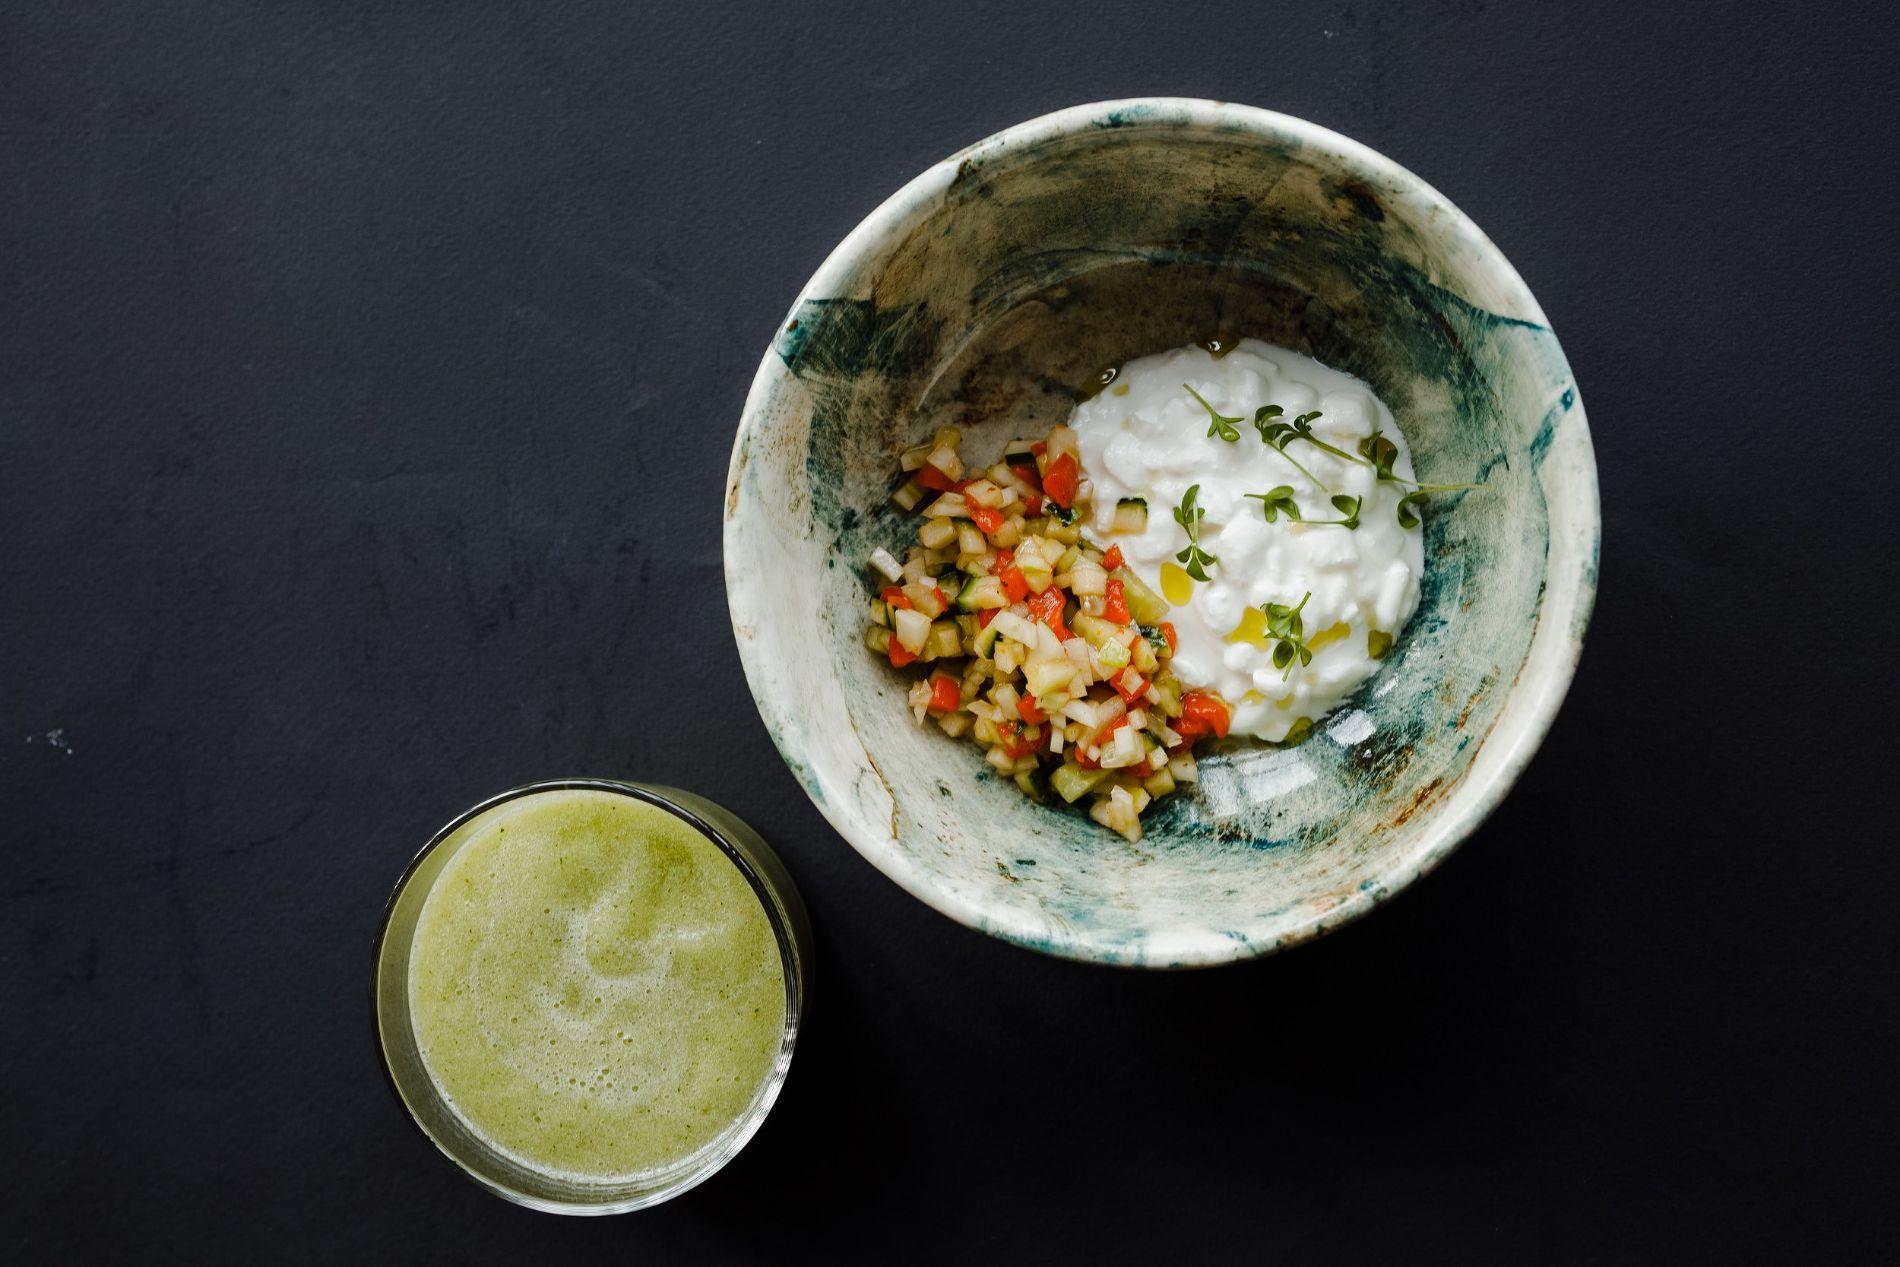 Холодный огуречный суп с мятой и мягким творогом ©Фотография предоставлена заведением